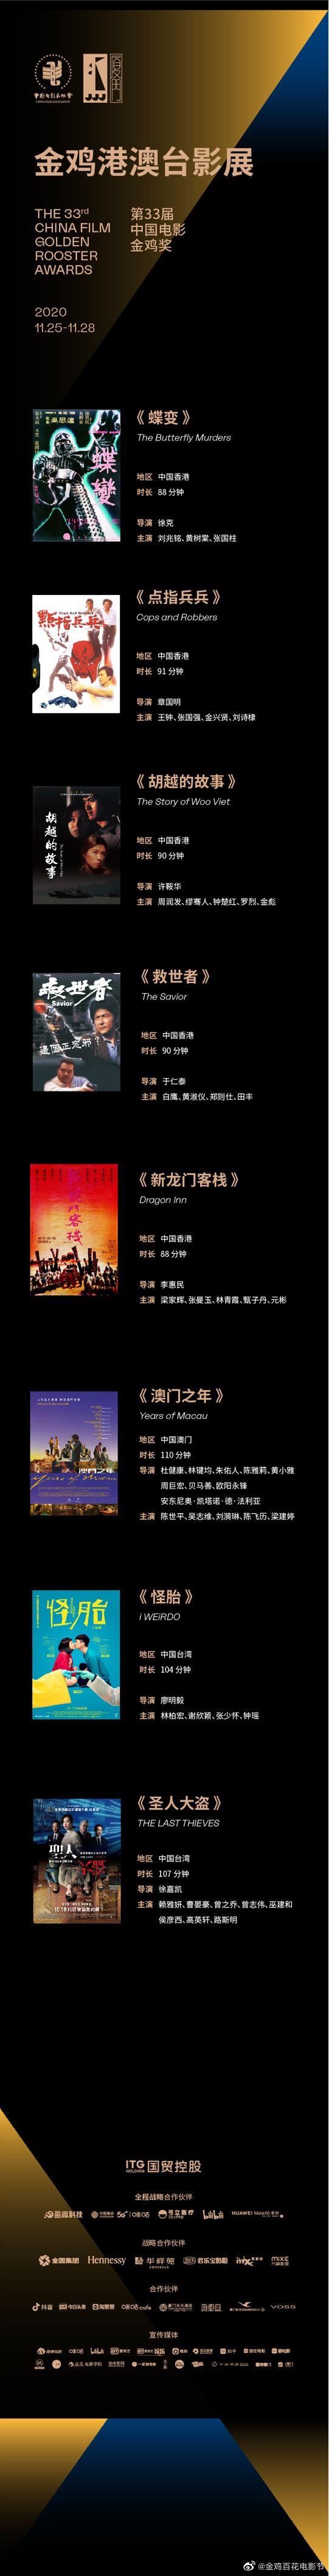 2020金鸡港澳台影展曝片单 修复版《蝶变》等将映